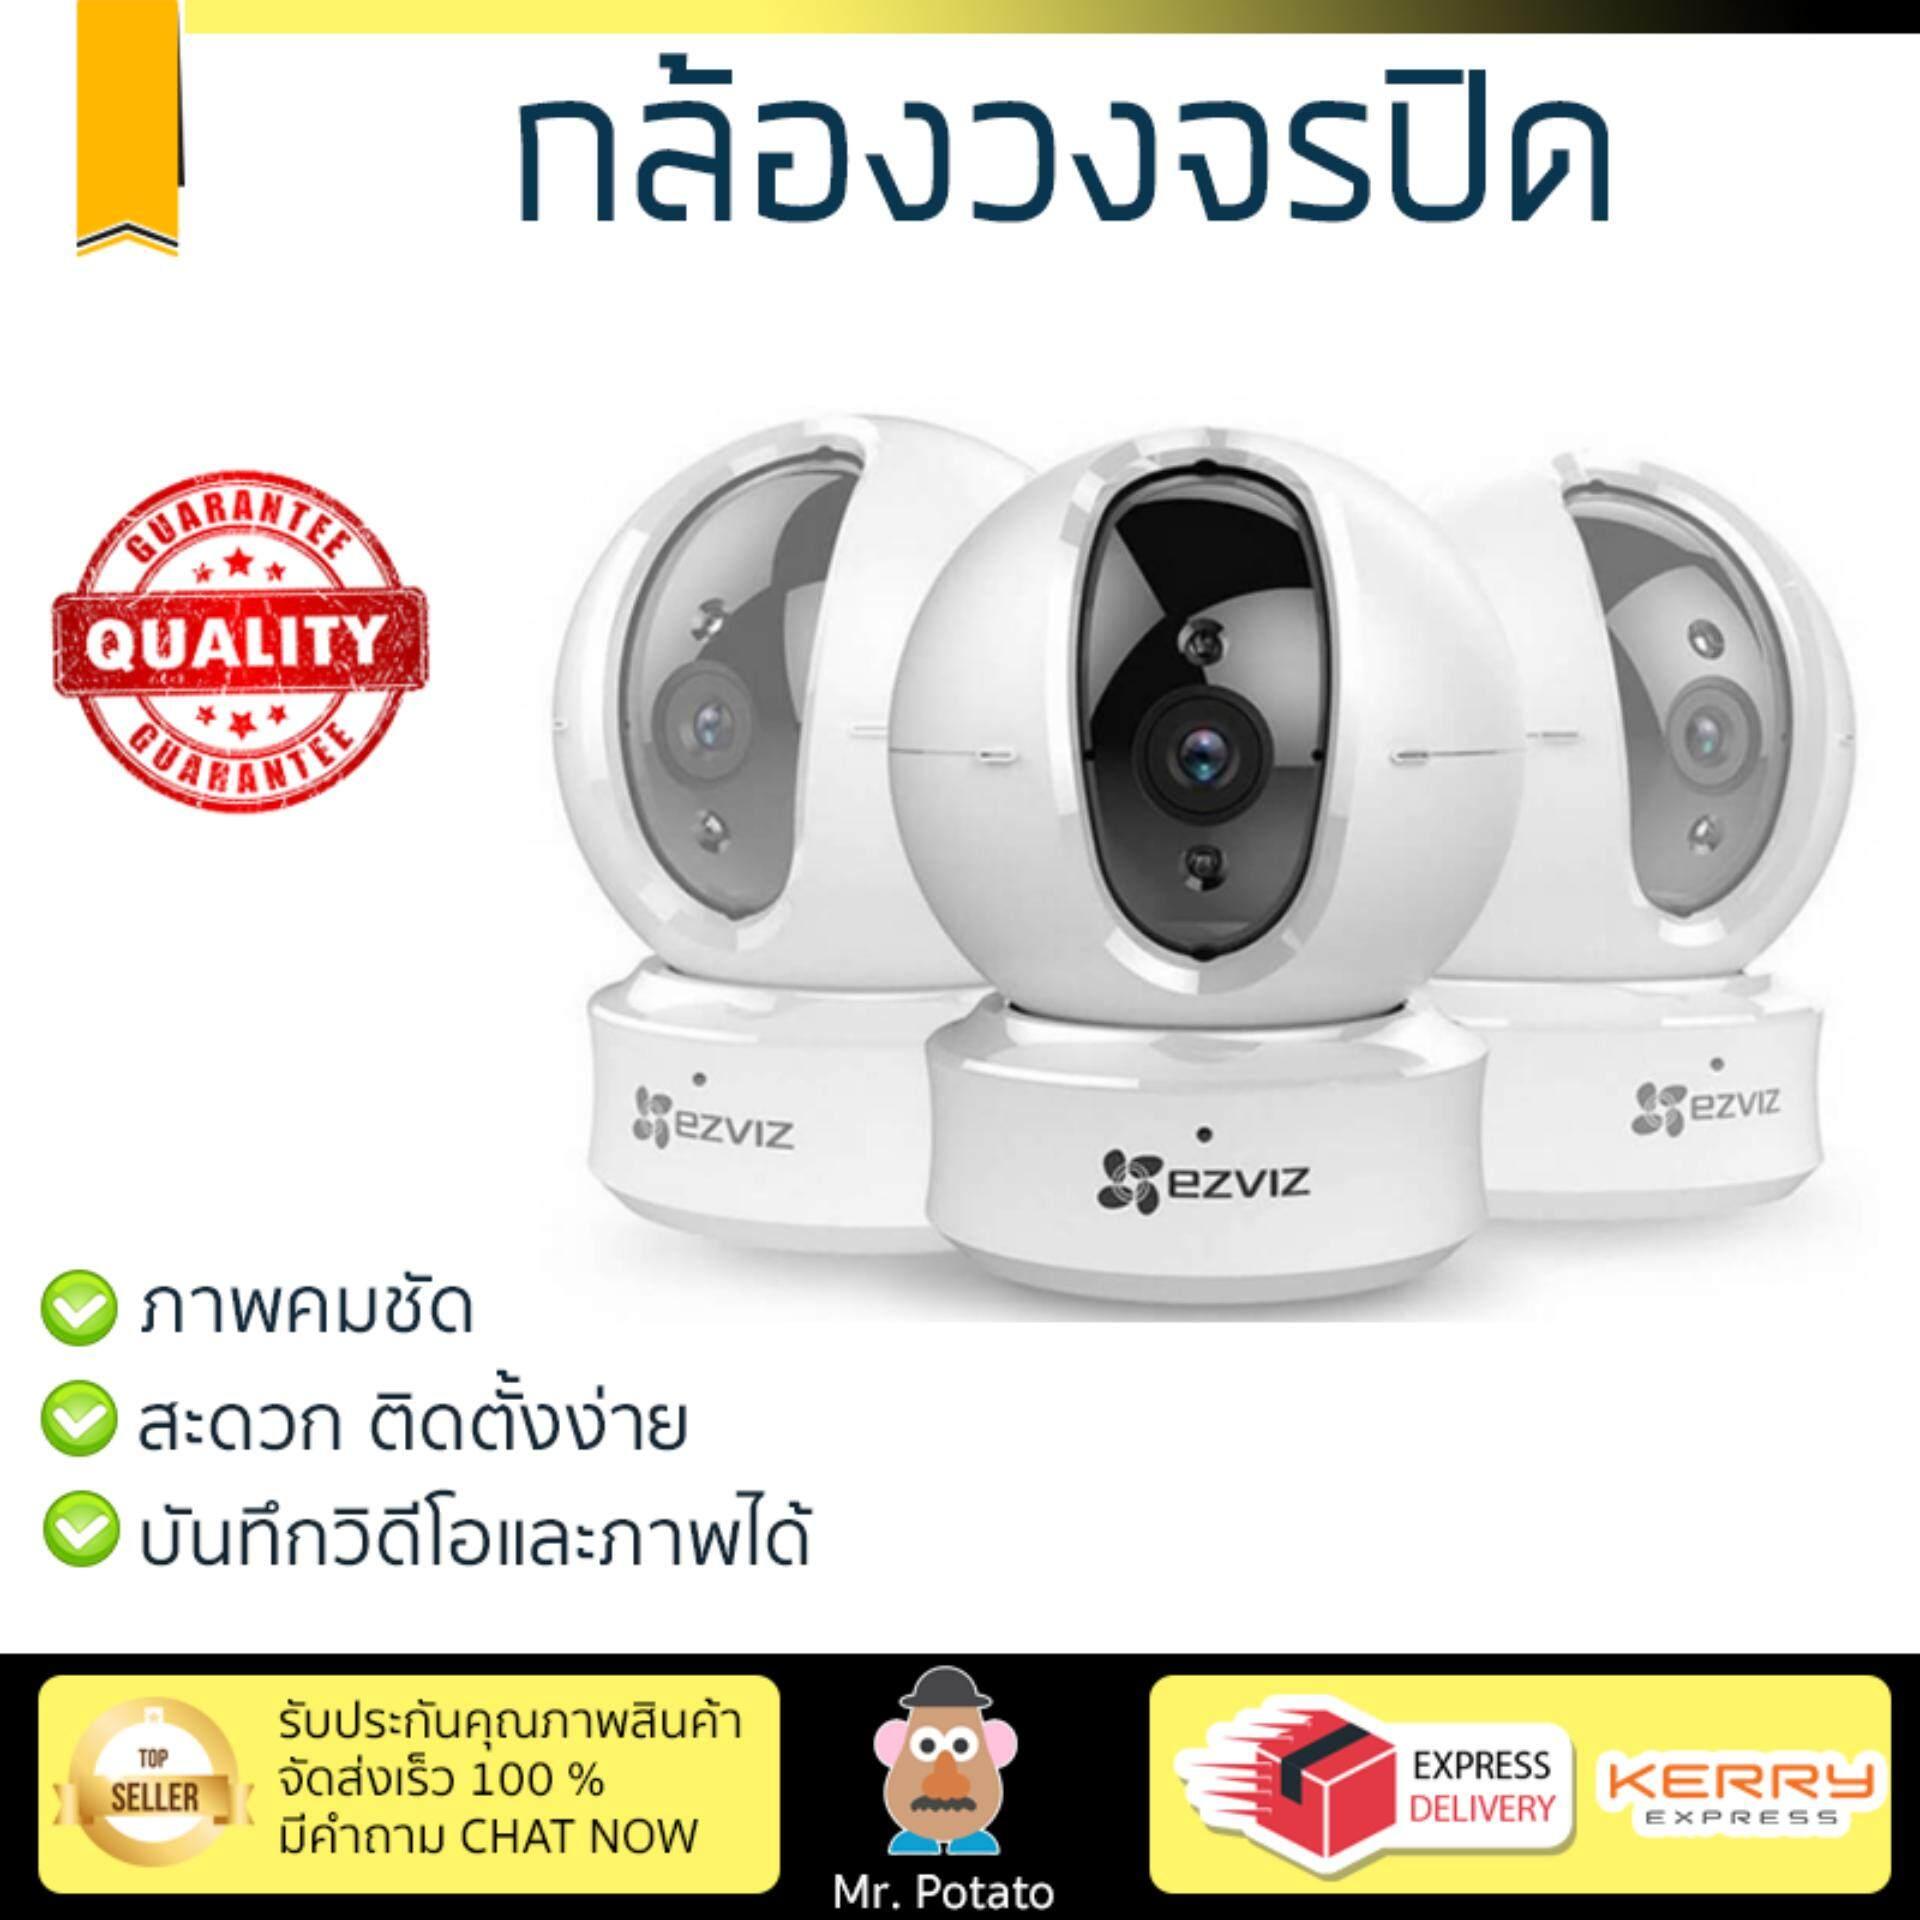 เก็บเงินปลายทางได้ โปรโมชัน กล้องวงจรปิด           EZVIZ กล้องวงจรปิด (สีขาว) รุ่น C6C Mini 360 720P WI-FI CV246-B03B1WFR             ภาพคมชัด ปรับมุมมองได้ กล้อง IP Camera รับประกันสินค้า 1 ปี จัดส่ง